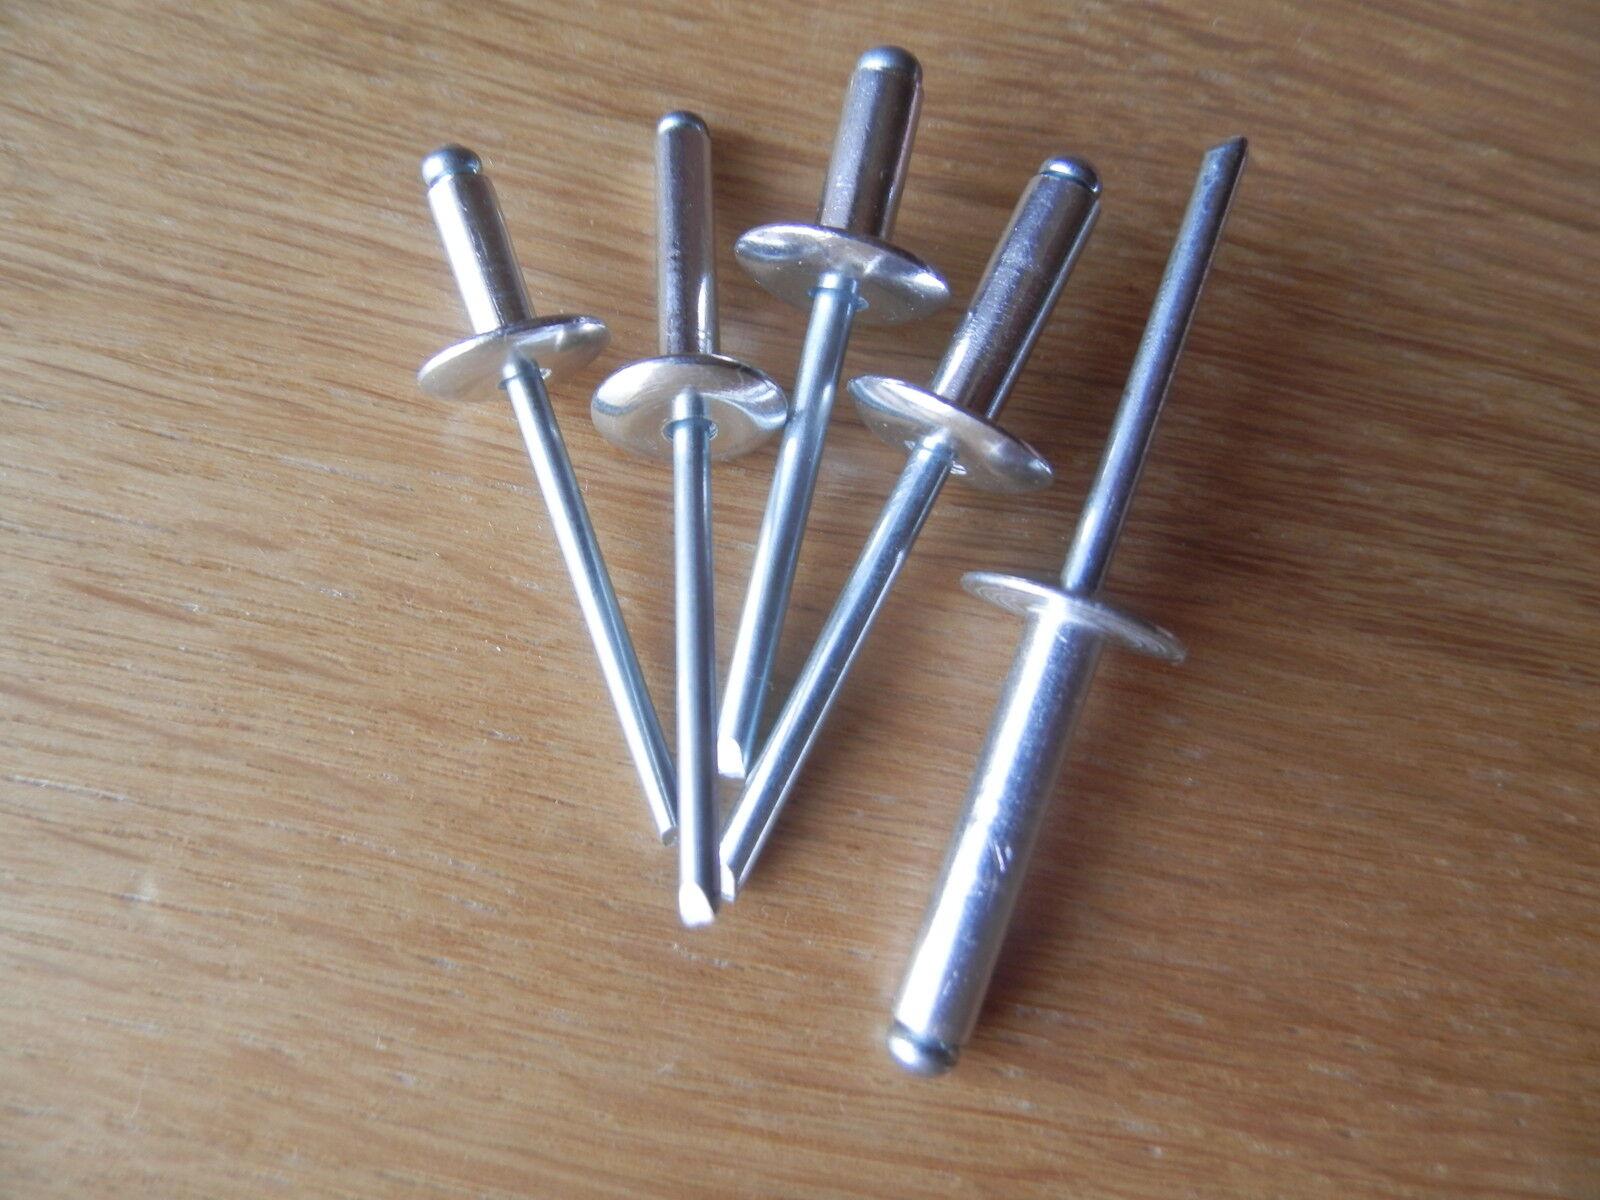 1000 x Blindnieten 4x14 mm Alu//Stahl Flachkopf DIN7337 Popnieten Nieten Dichtnieten